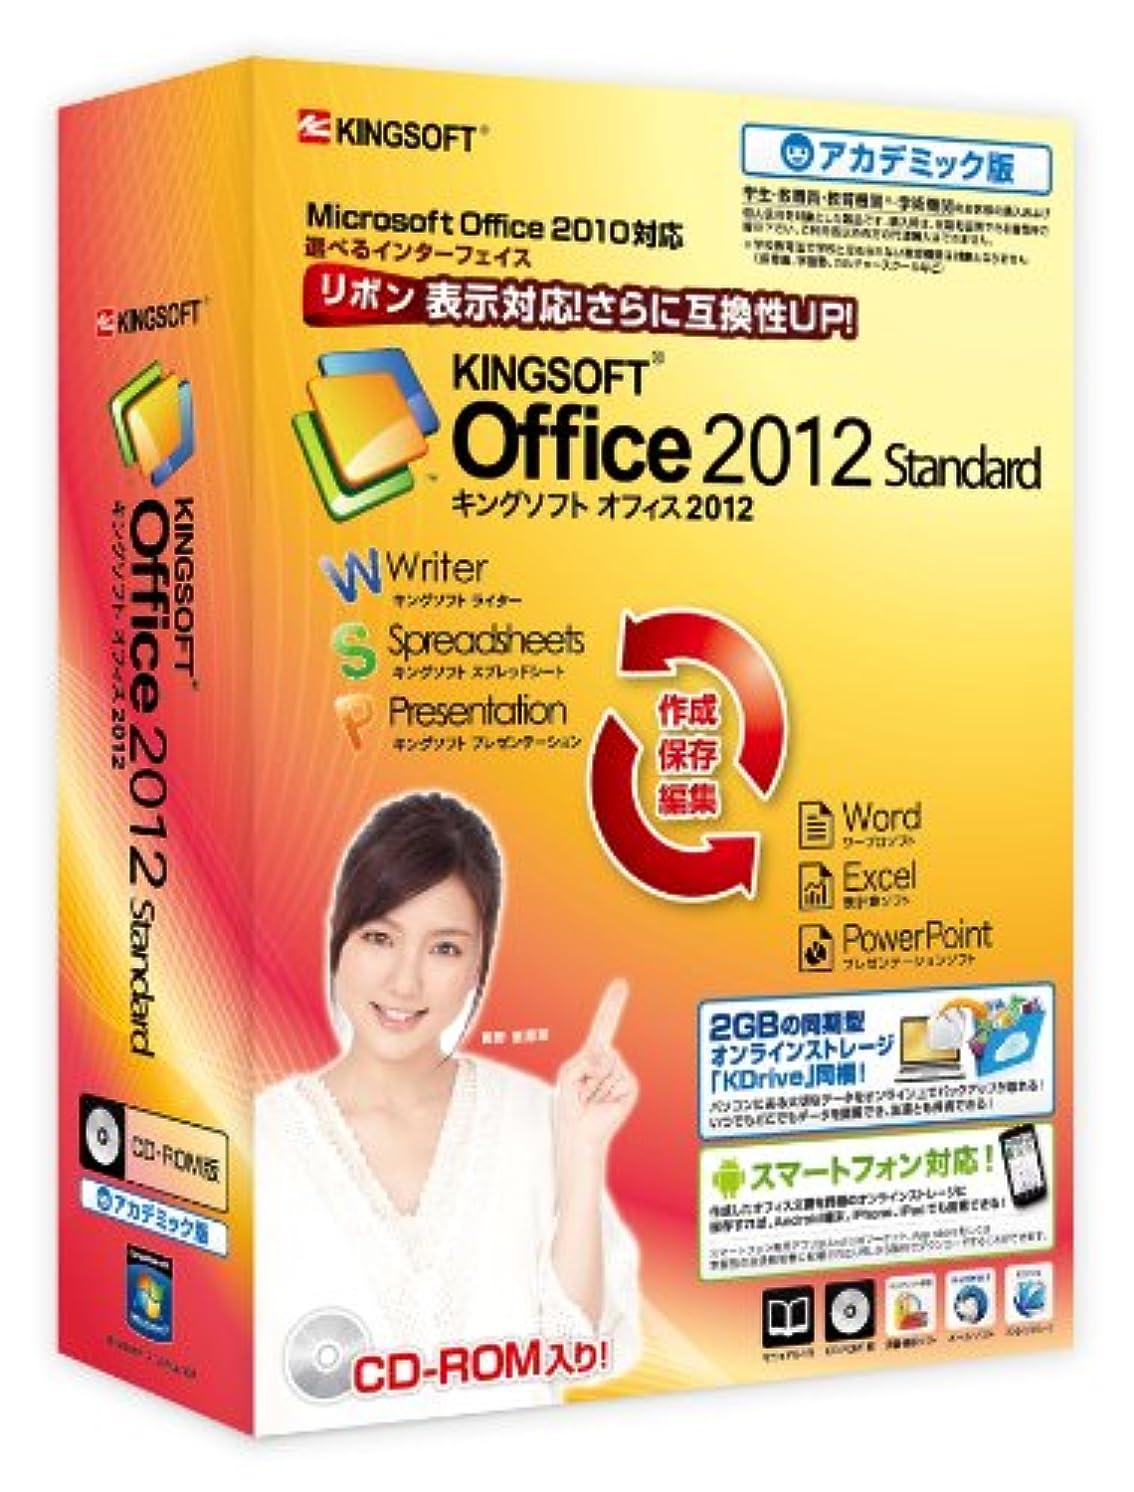 革新福祉組み合わせKINGSOFT Office 2012 Standard パッケージアカデミック版